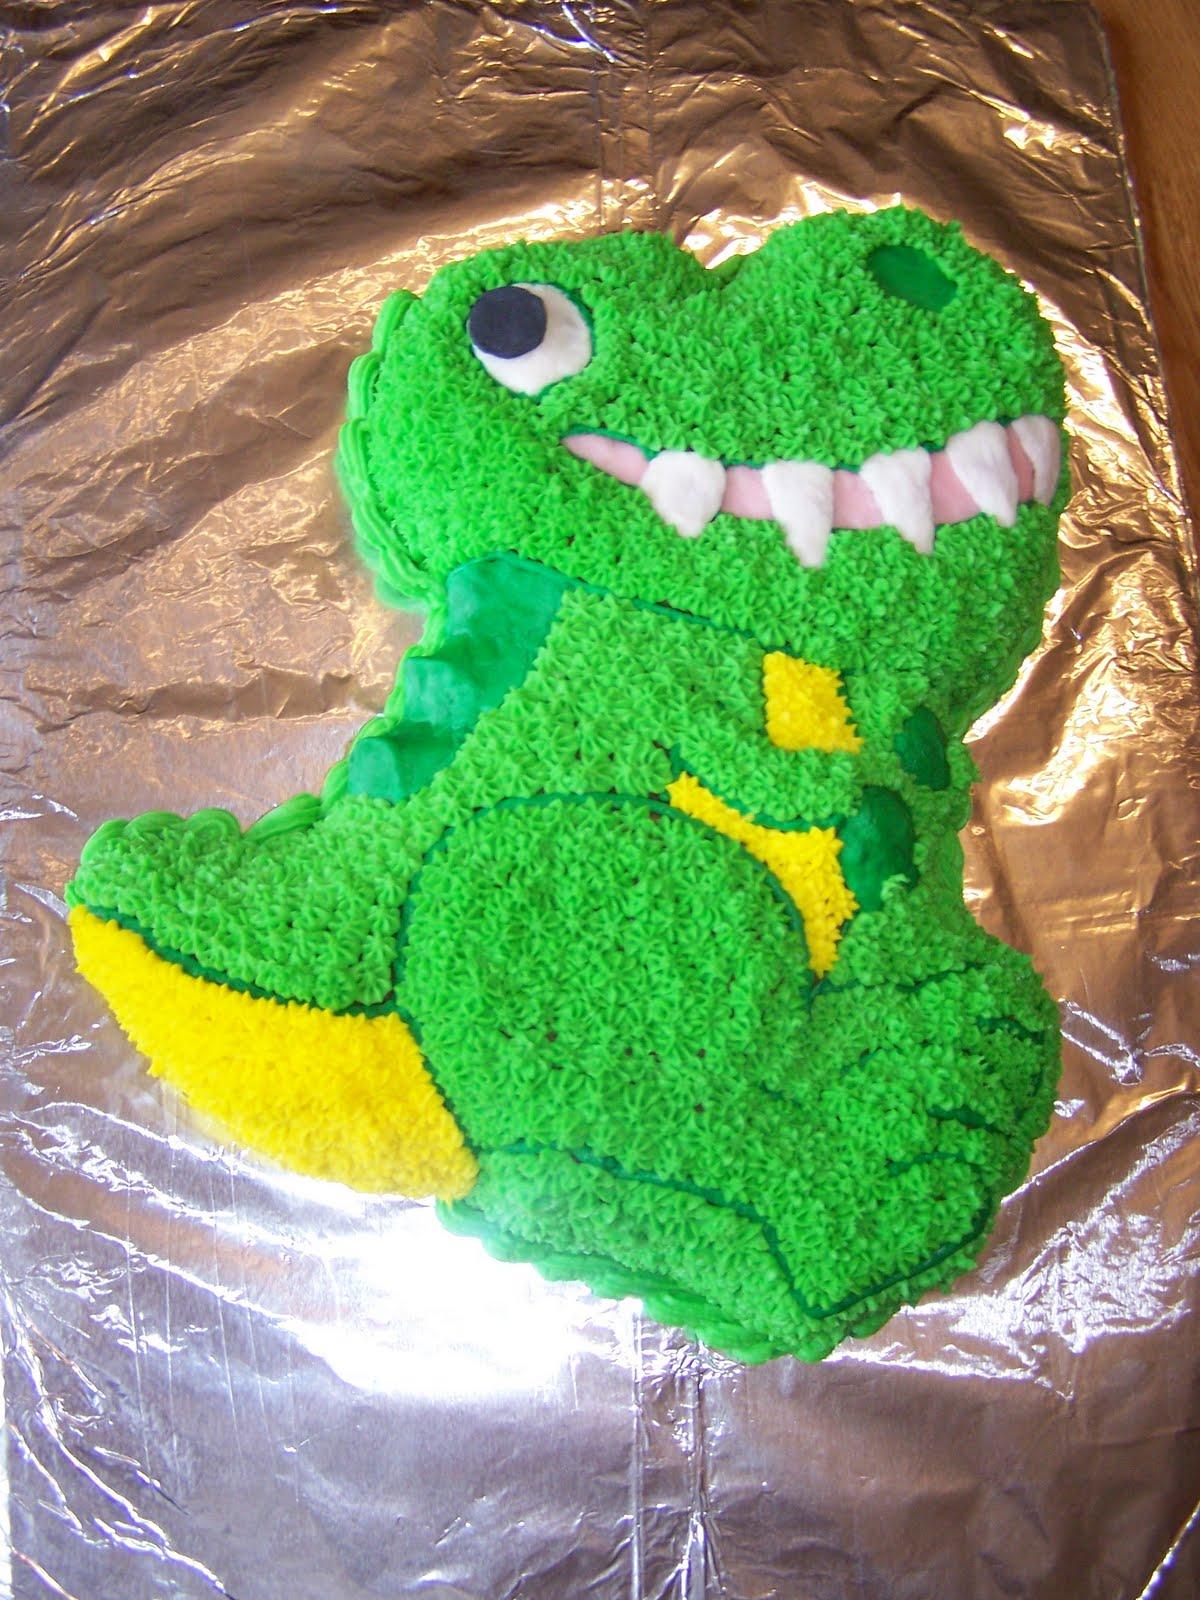 T Rex 3d Cake Pans